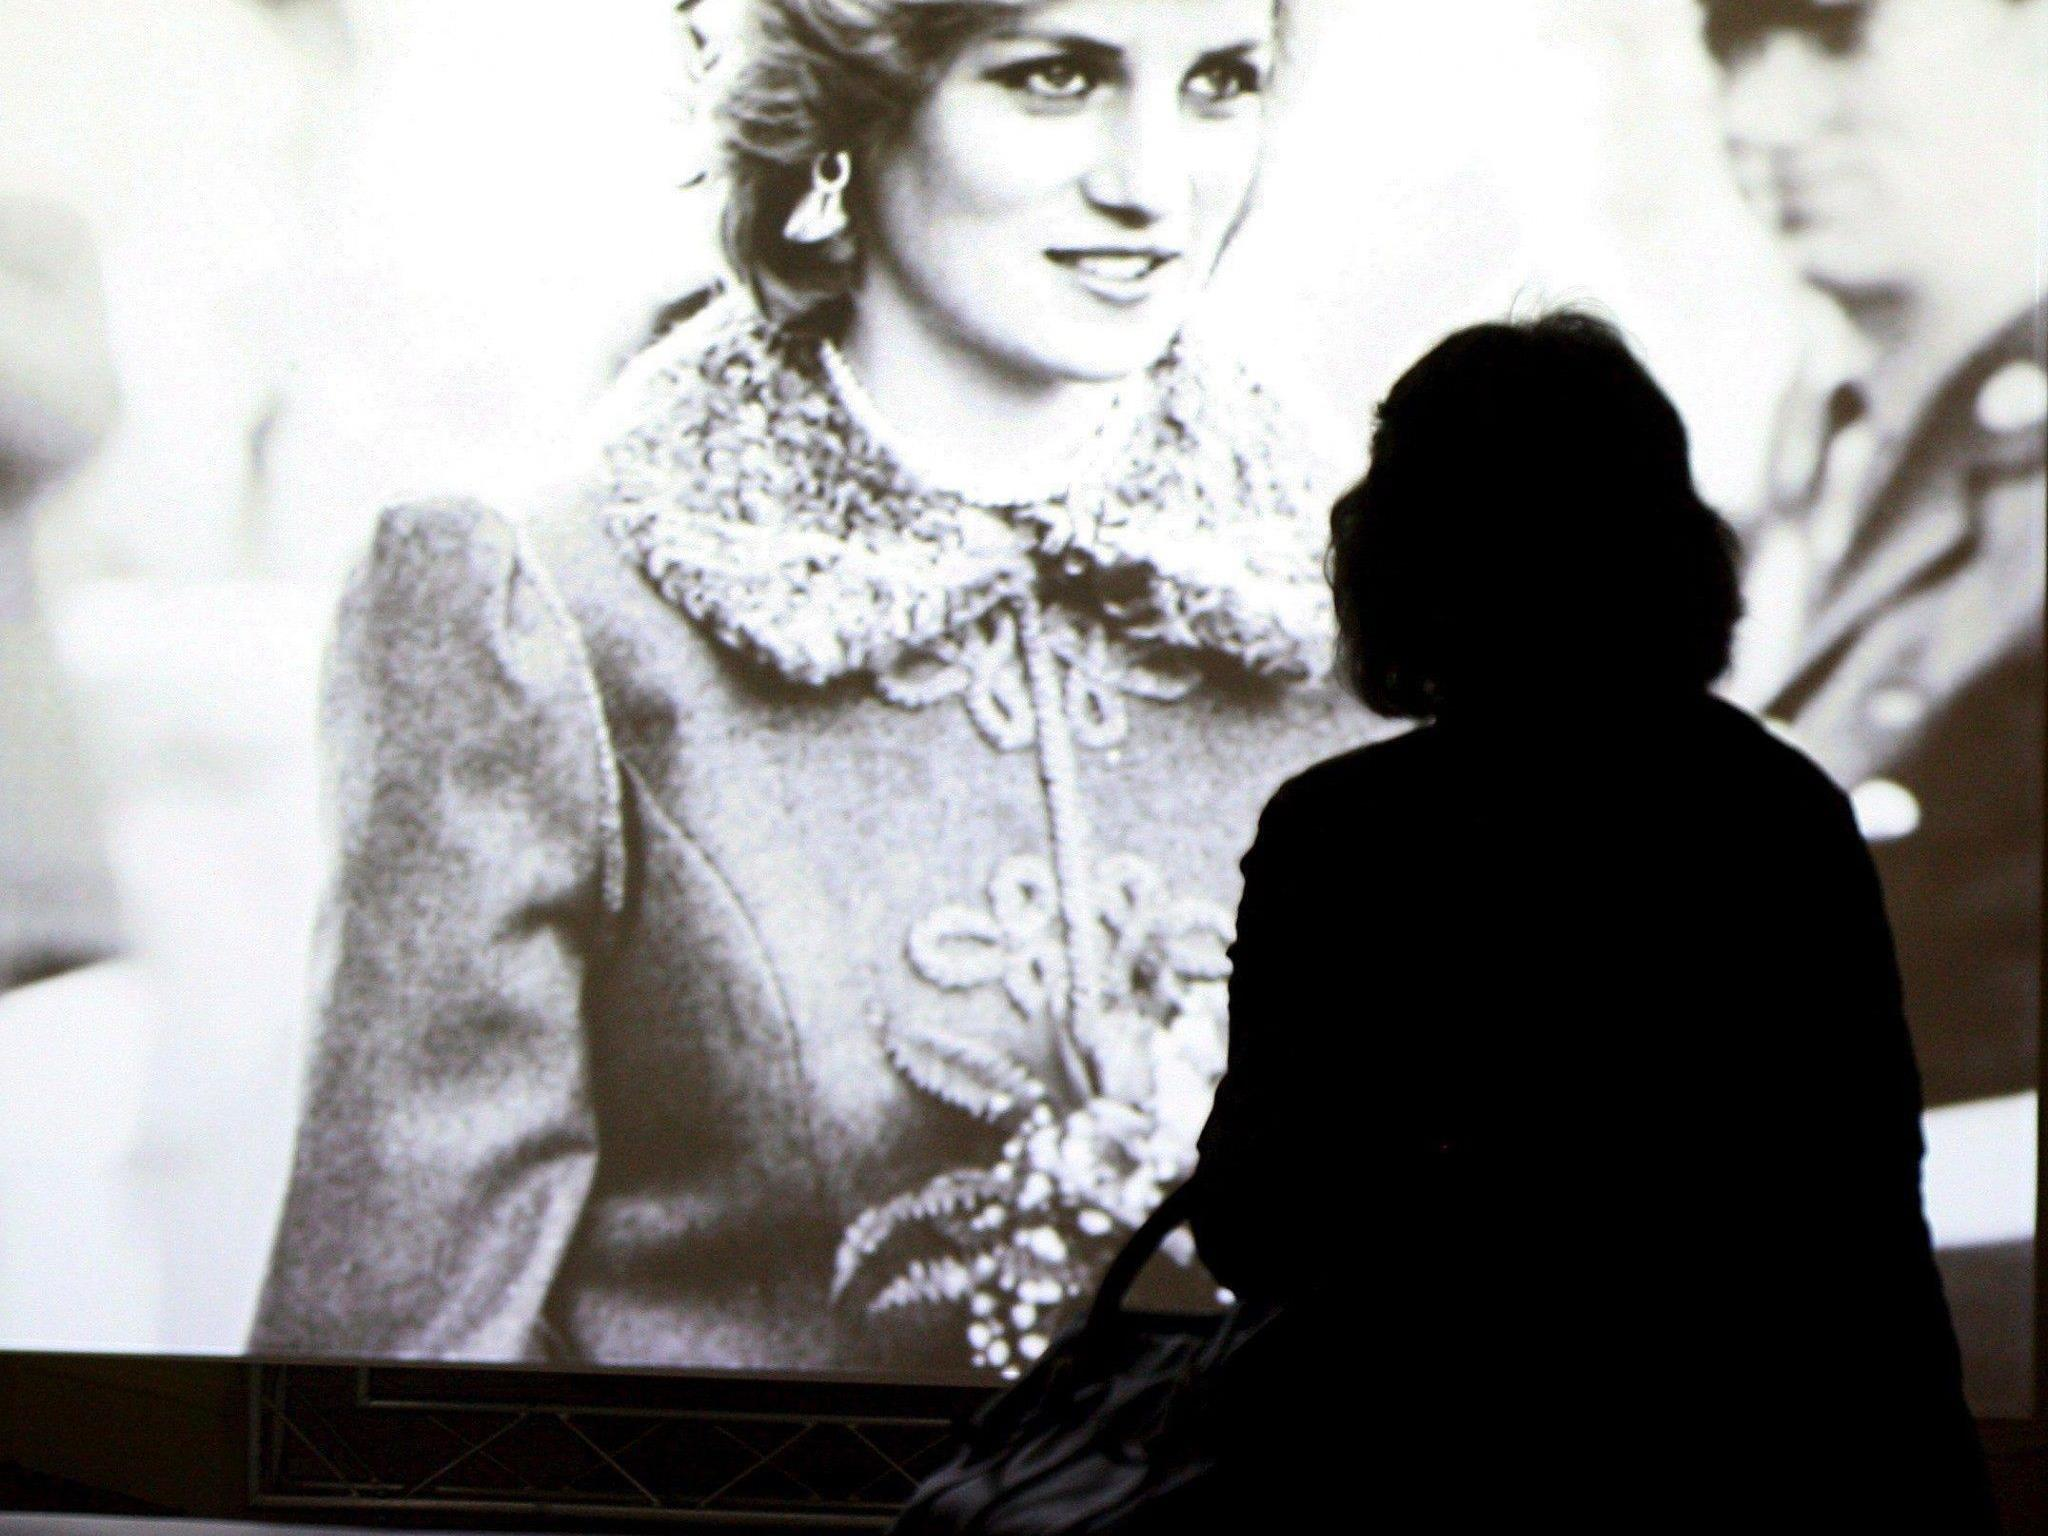 Nach dem Tod von Diana gab es Verschwörungstheorien, die noch bis heute anhalten.